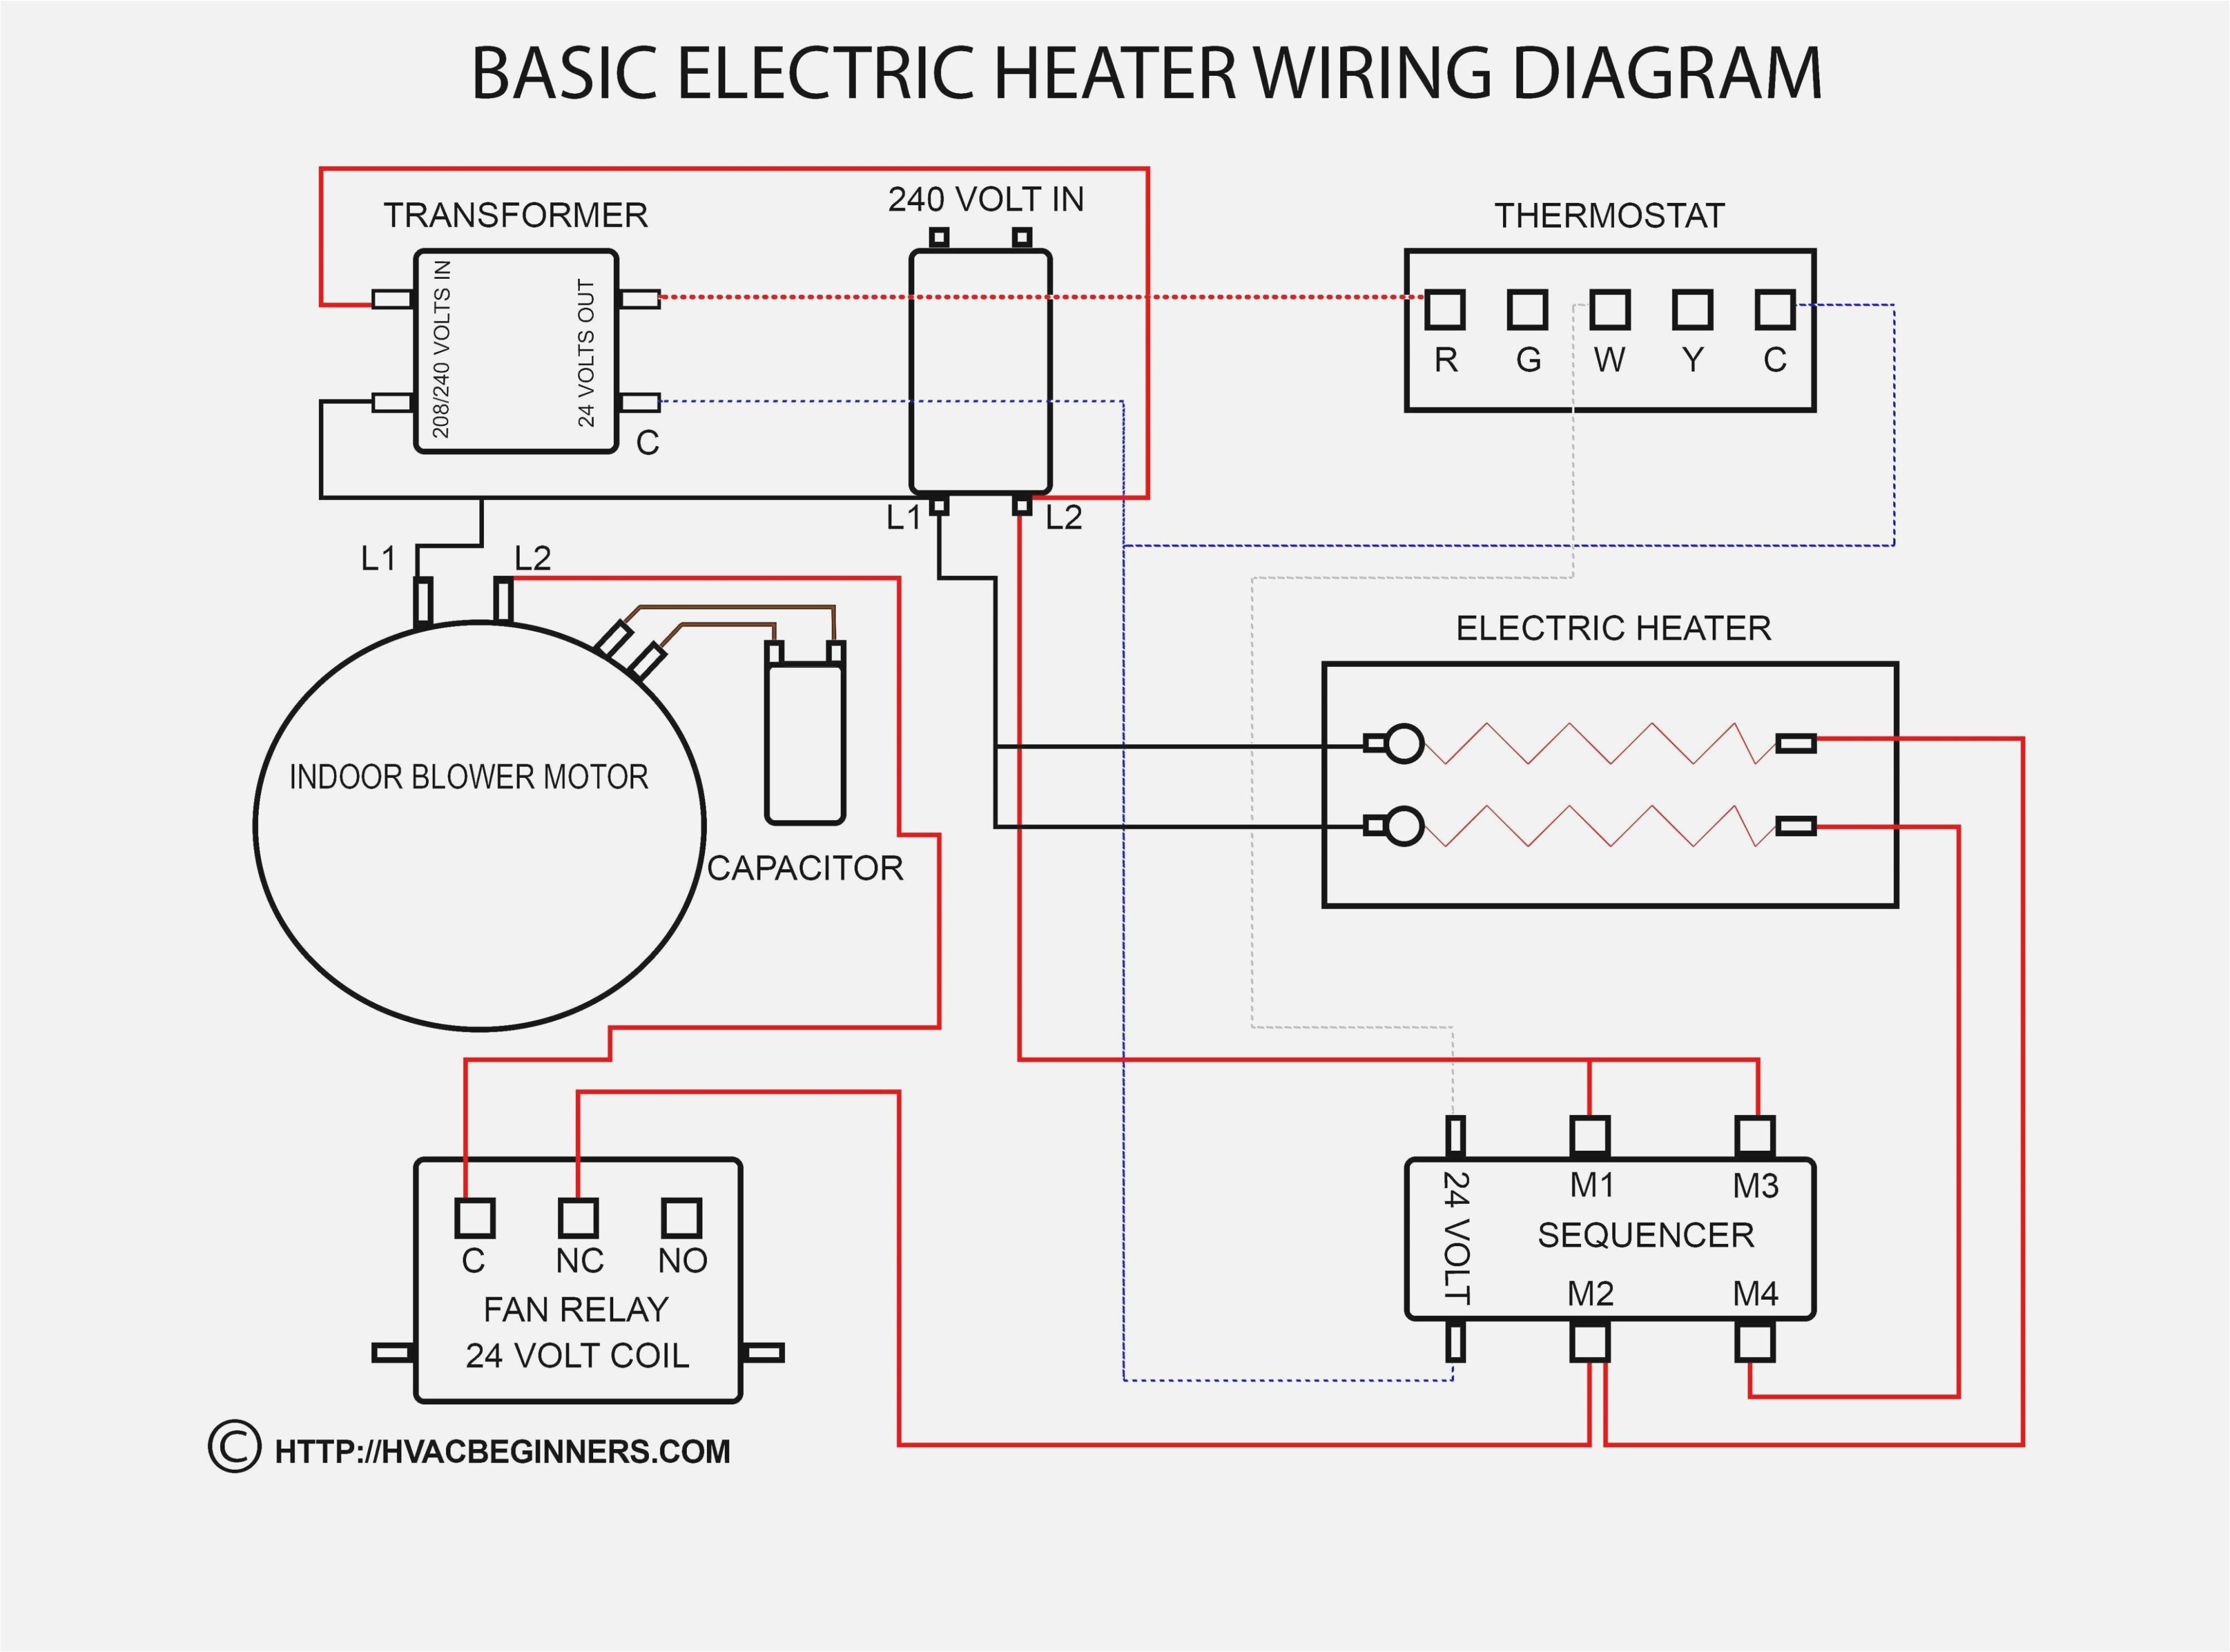 [SCHEMATICS_4ER]  24 Volt 8030 Alternator Wiring Diagram. 24 volt alternator wiring wiring  diagram database. buy new 24 volt leece neville alternator p n a001090555.  me08. 31 john deere 4020 24 volt wiring diagram | 24 Volt Alternator Wiring Diagram |  | 2002-acura-tl-radio.info